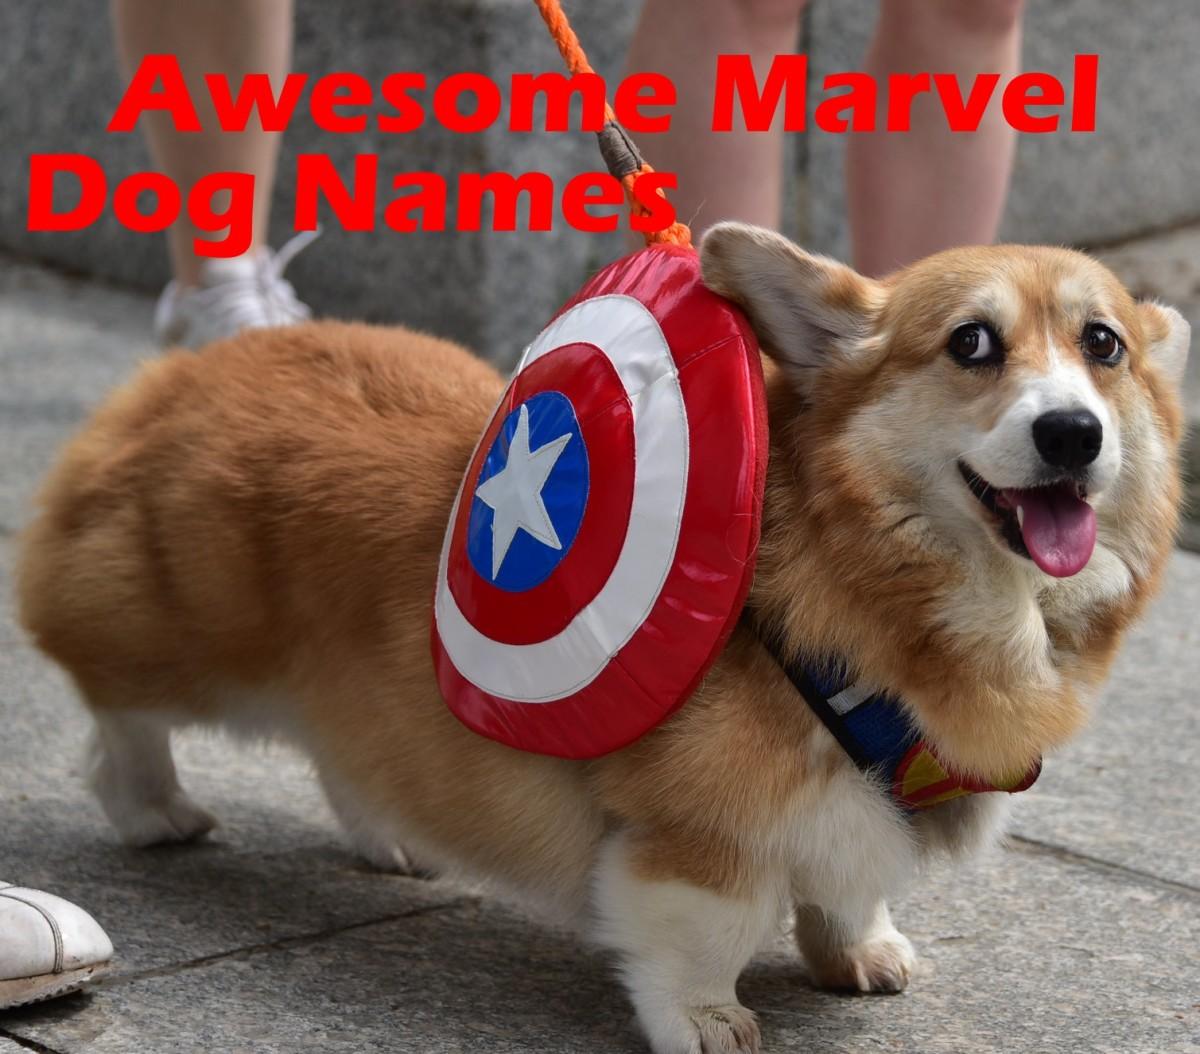 Awesome Marvel dog names.